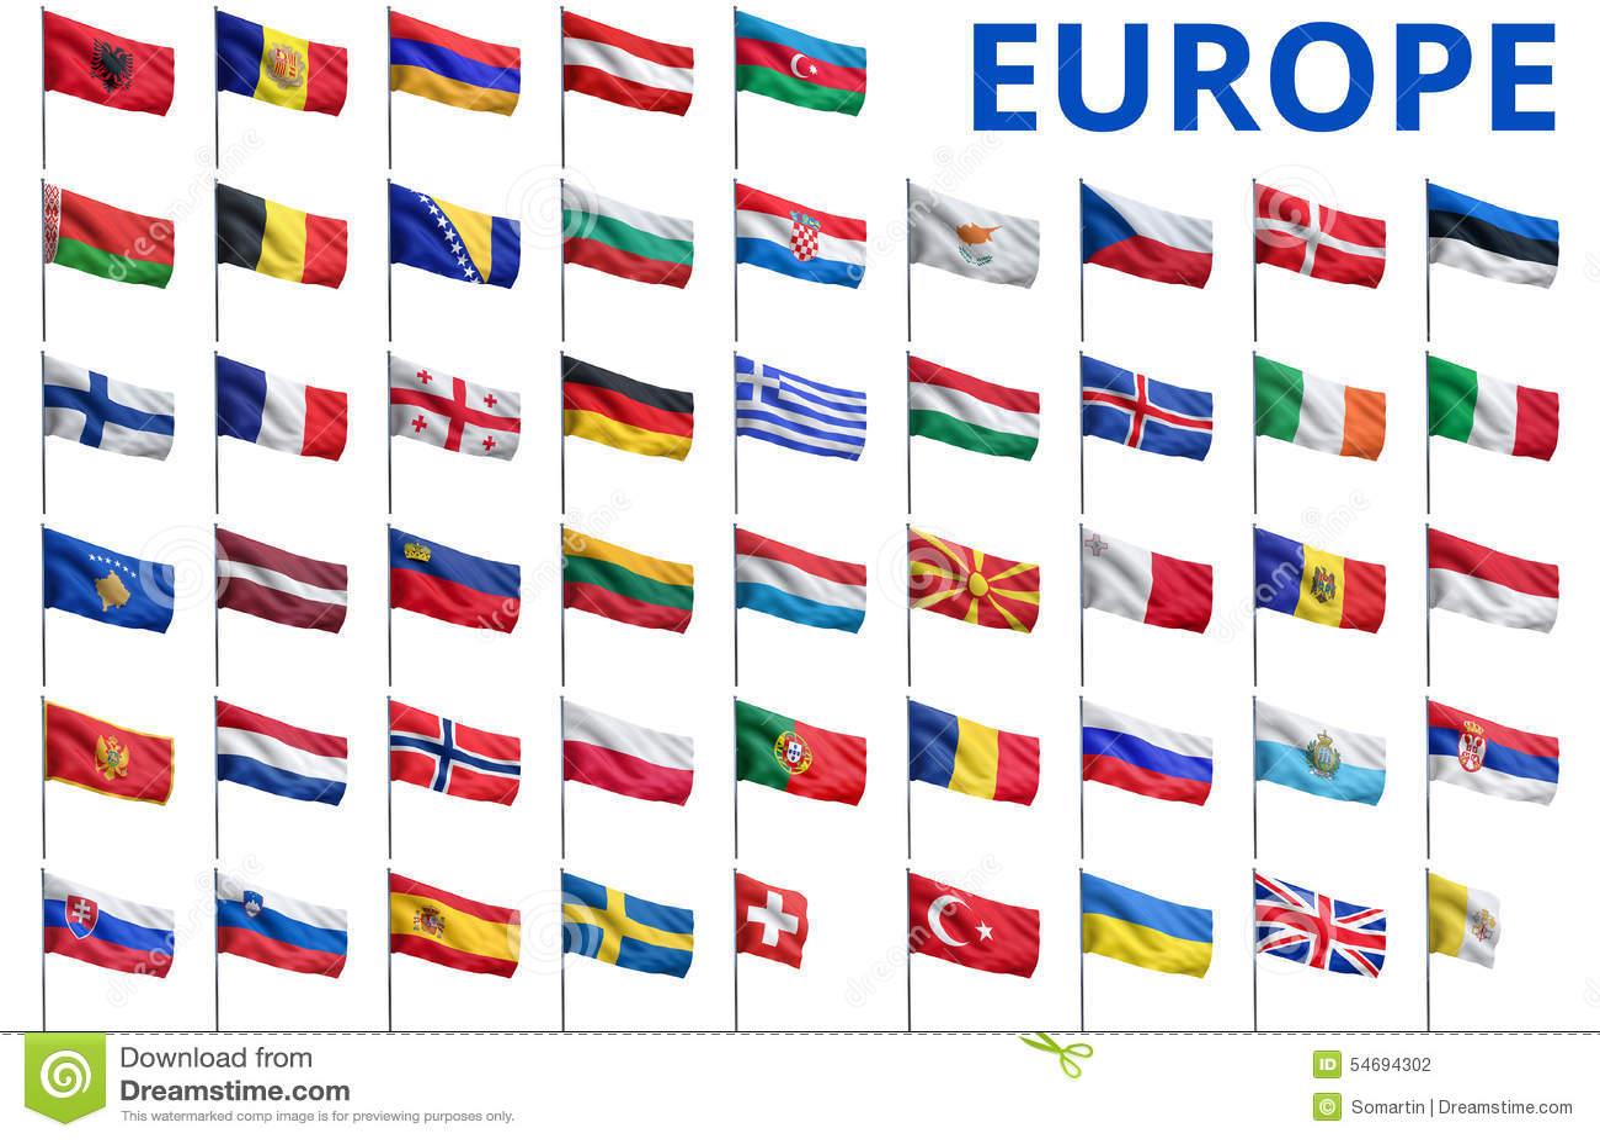 Ongekend Europa - Alle Vlaggen Van Landen Stock Illustratie - Illustratie KN-71